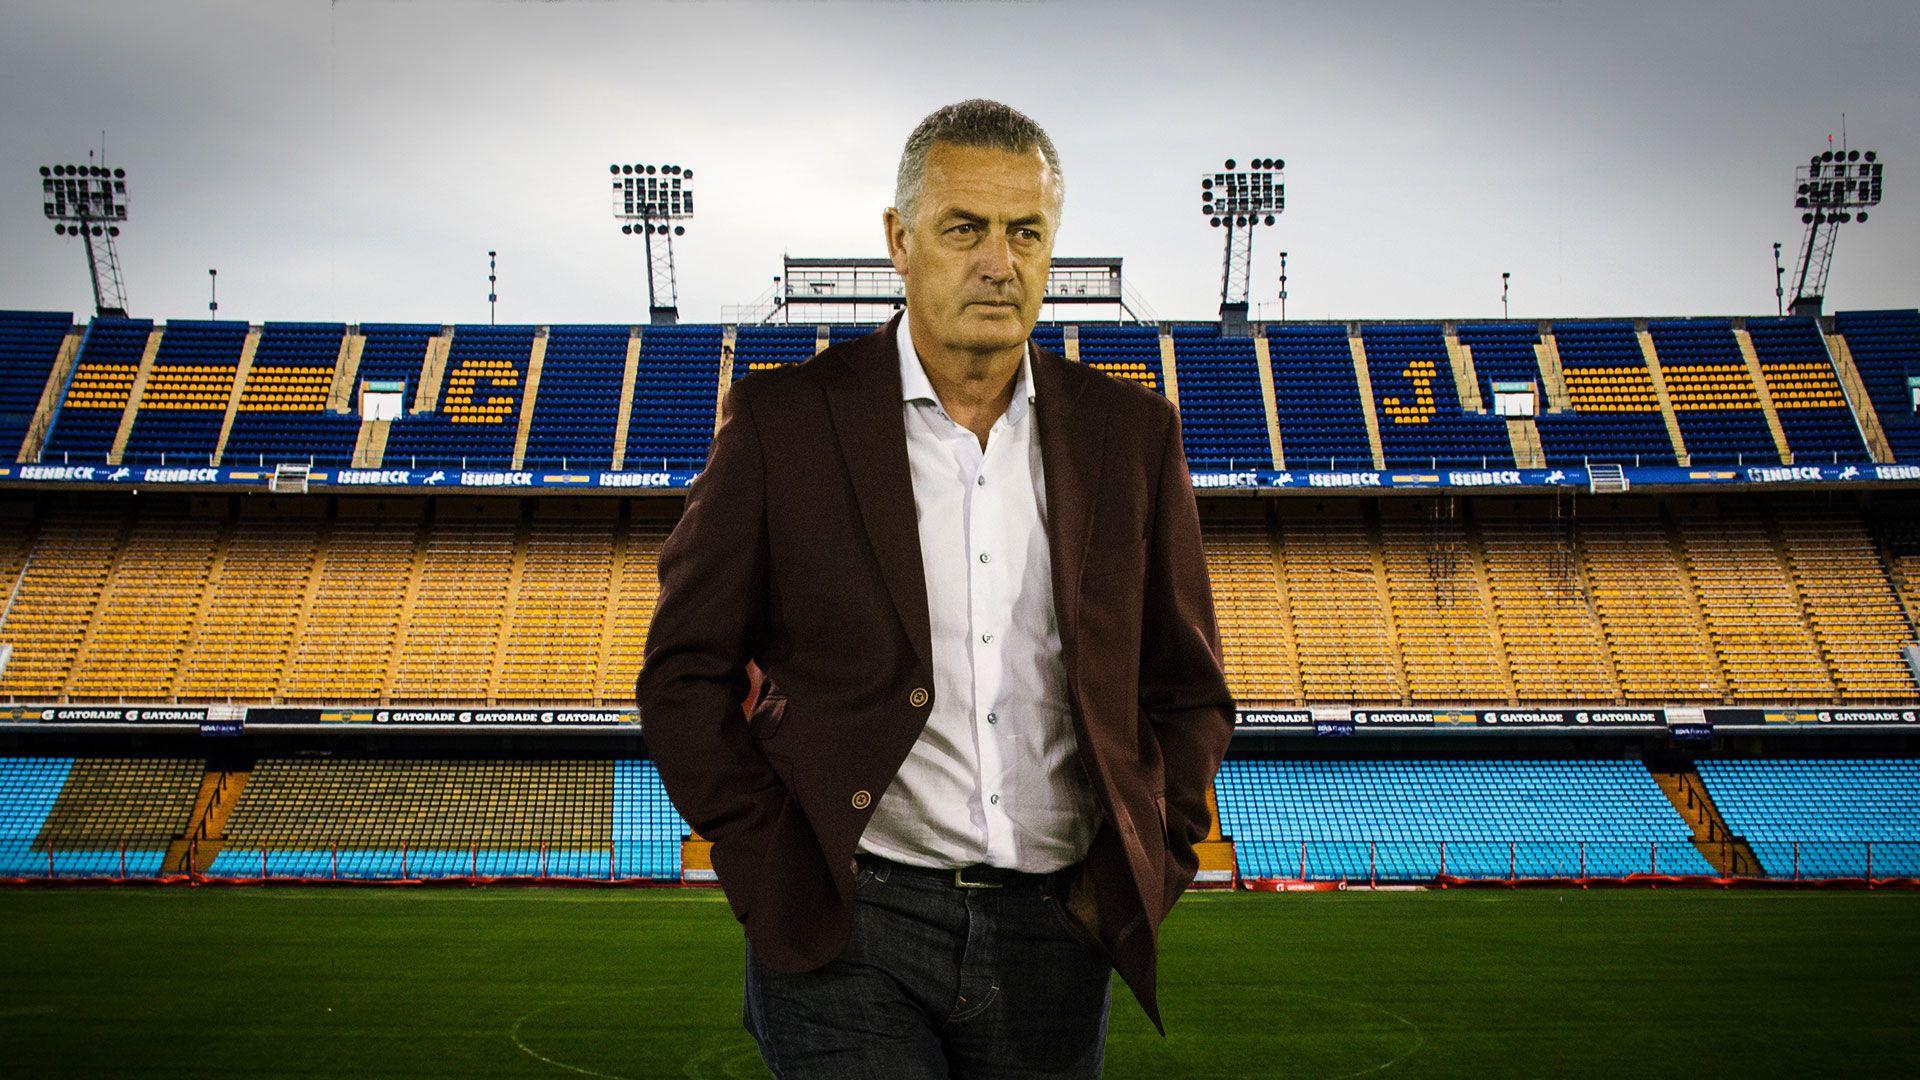 En caso de hacerse cargo de la selección ecuatoriana, Alfaro debutará en la Bombonera contra Argentina